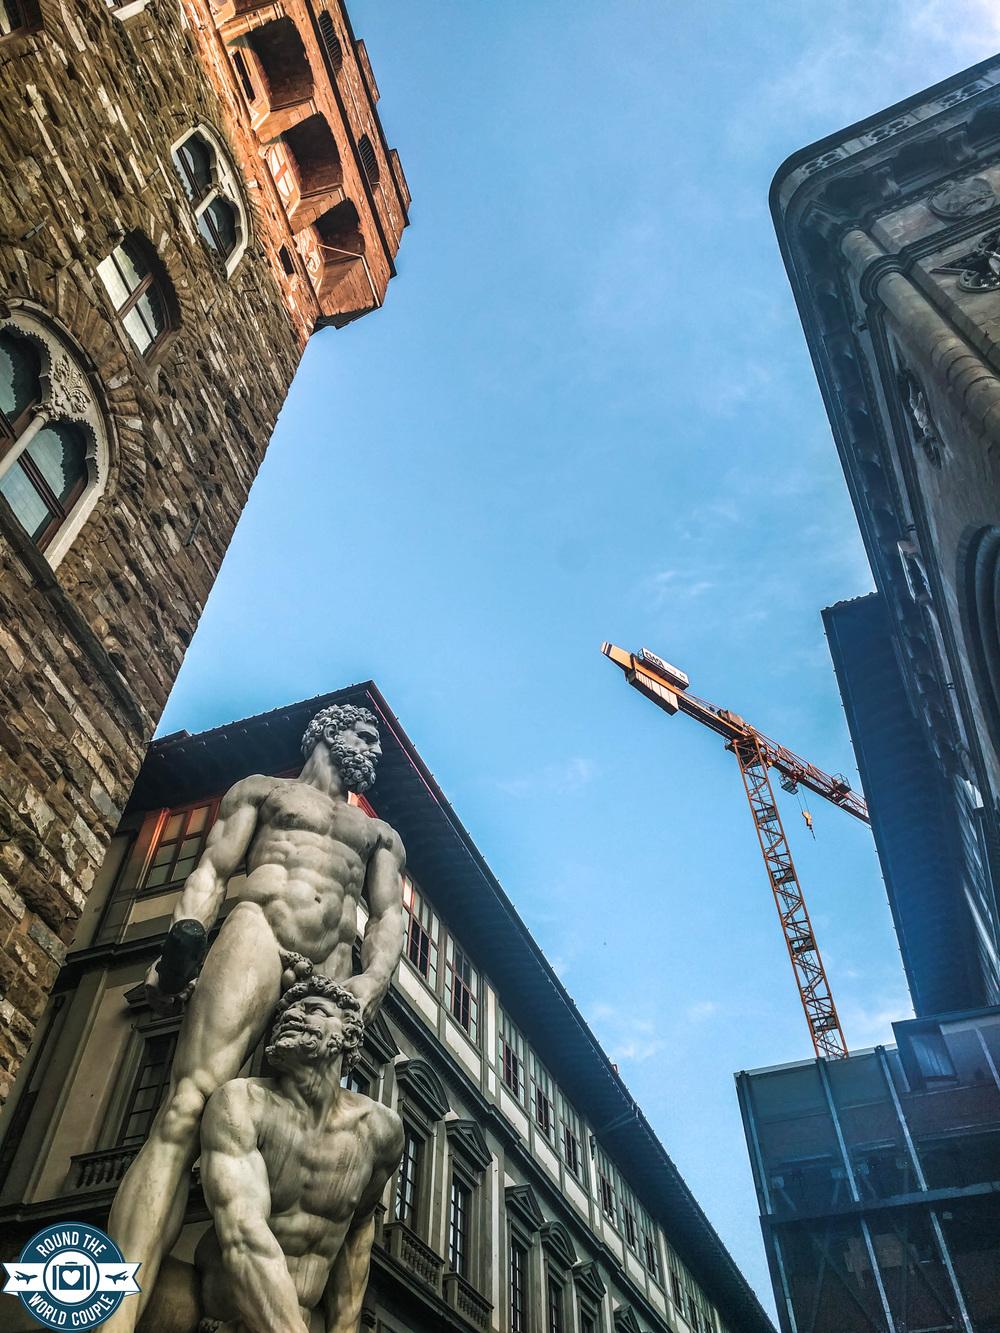 Bartolommeo Bandinelli's Hercules and Cacus, Piazza della Signoria, Florence, Italy